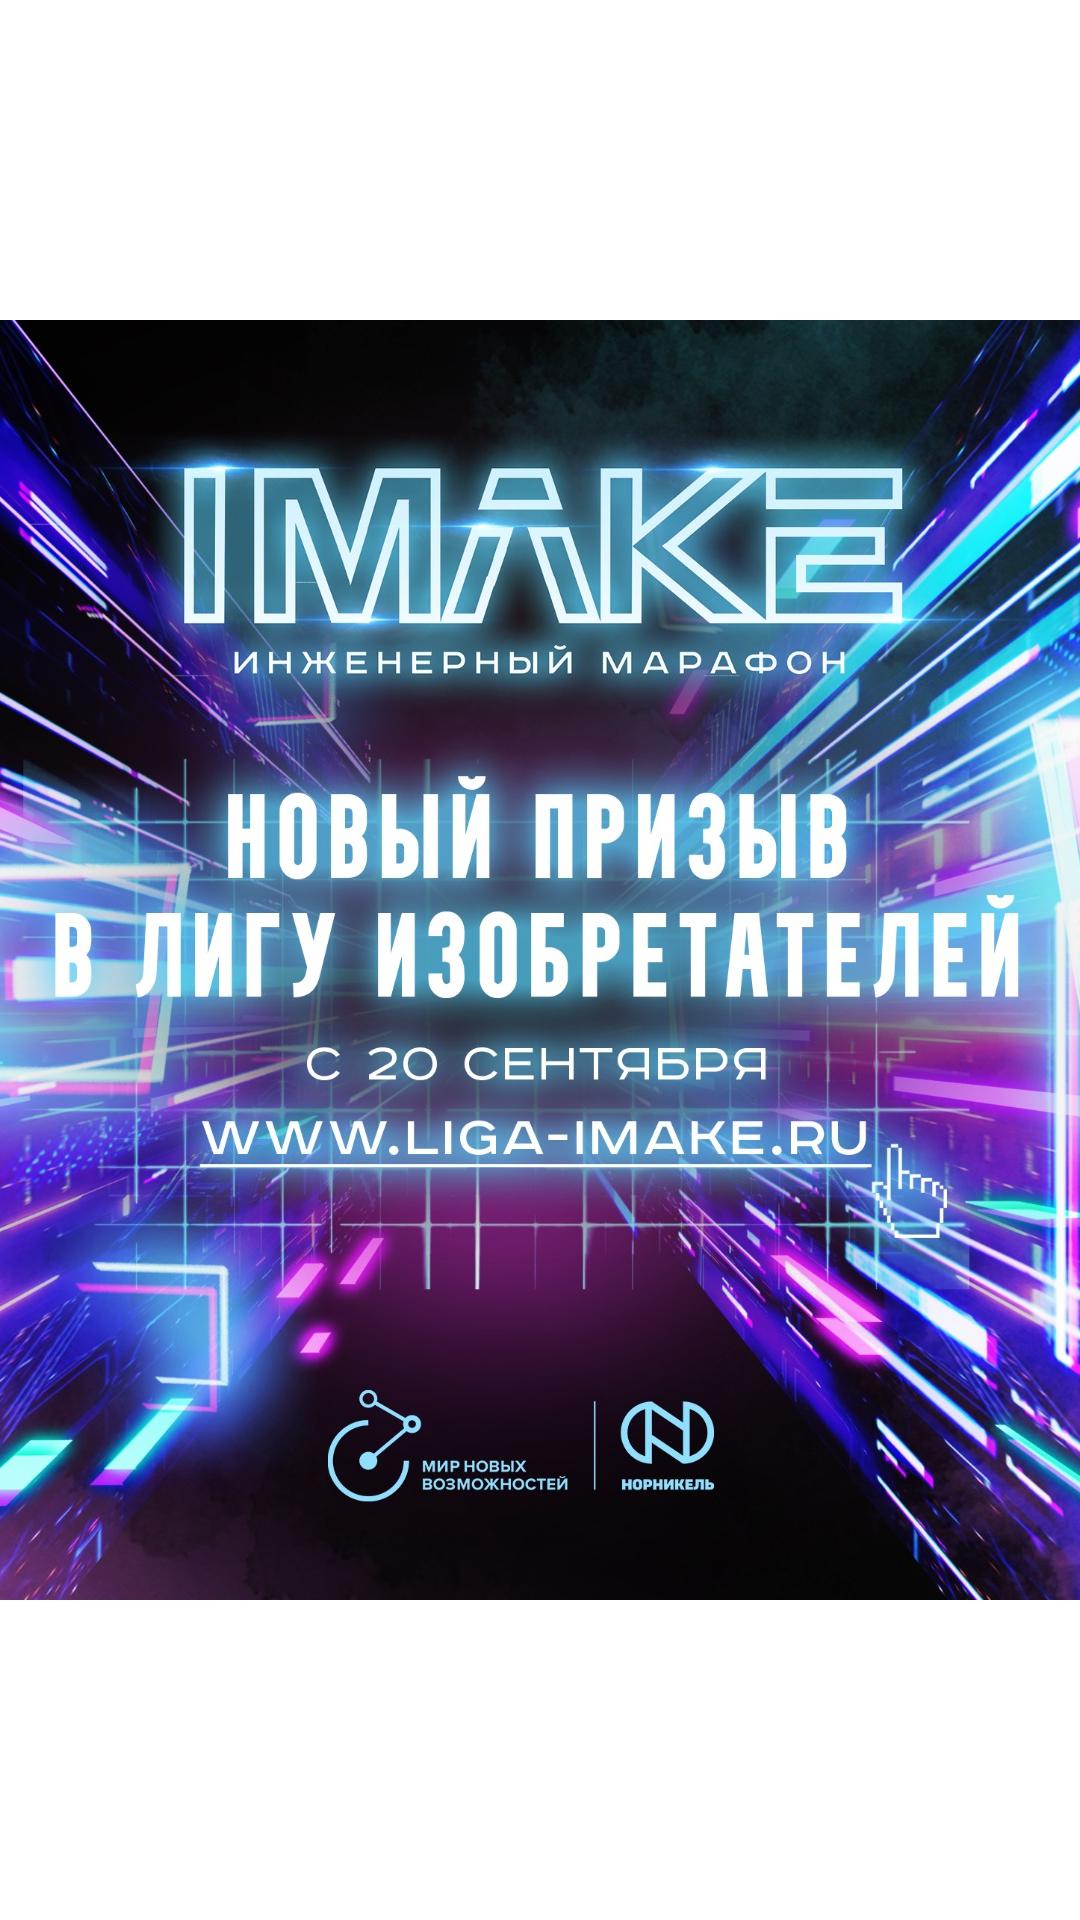 IMAKE — сообщество начинающих мейкеров, инженеров и ученых